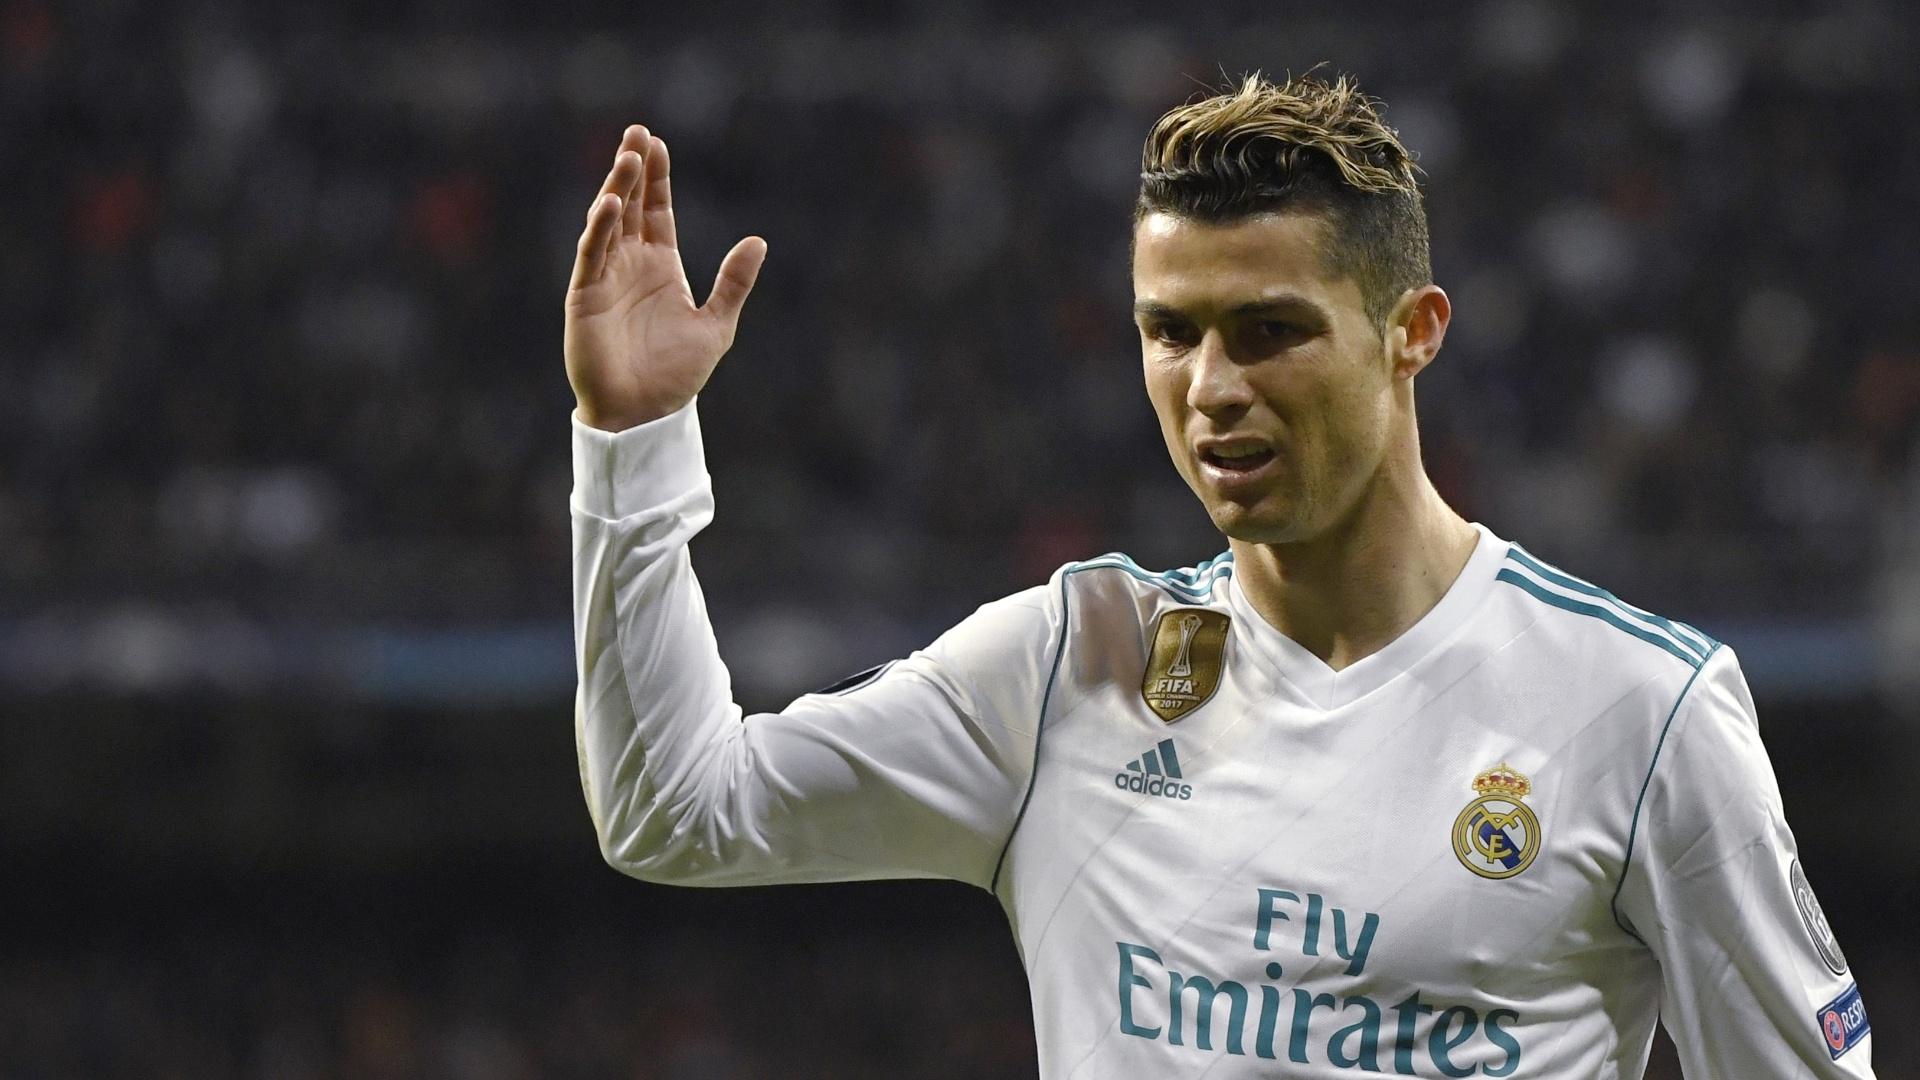 Nervoso, Cristiano Ronaldo não fez um bom primeiro tempo